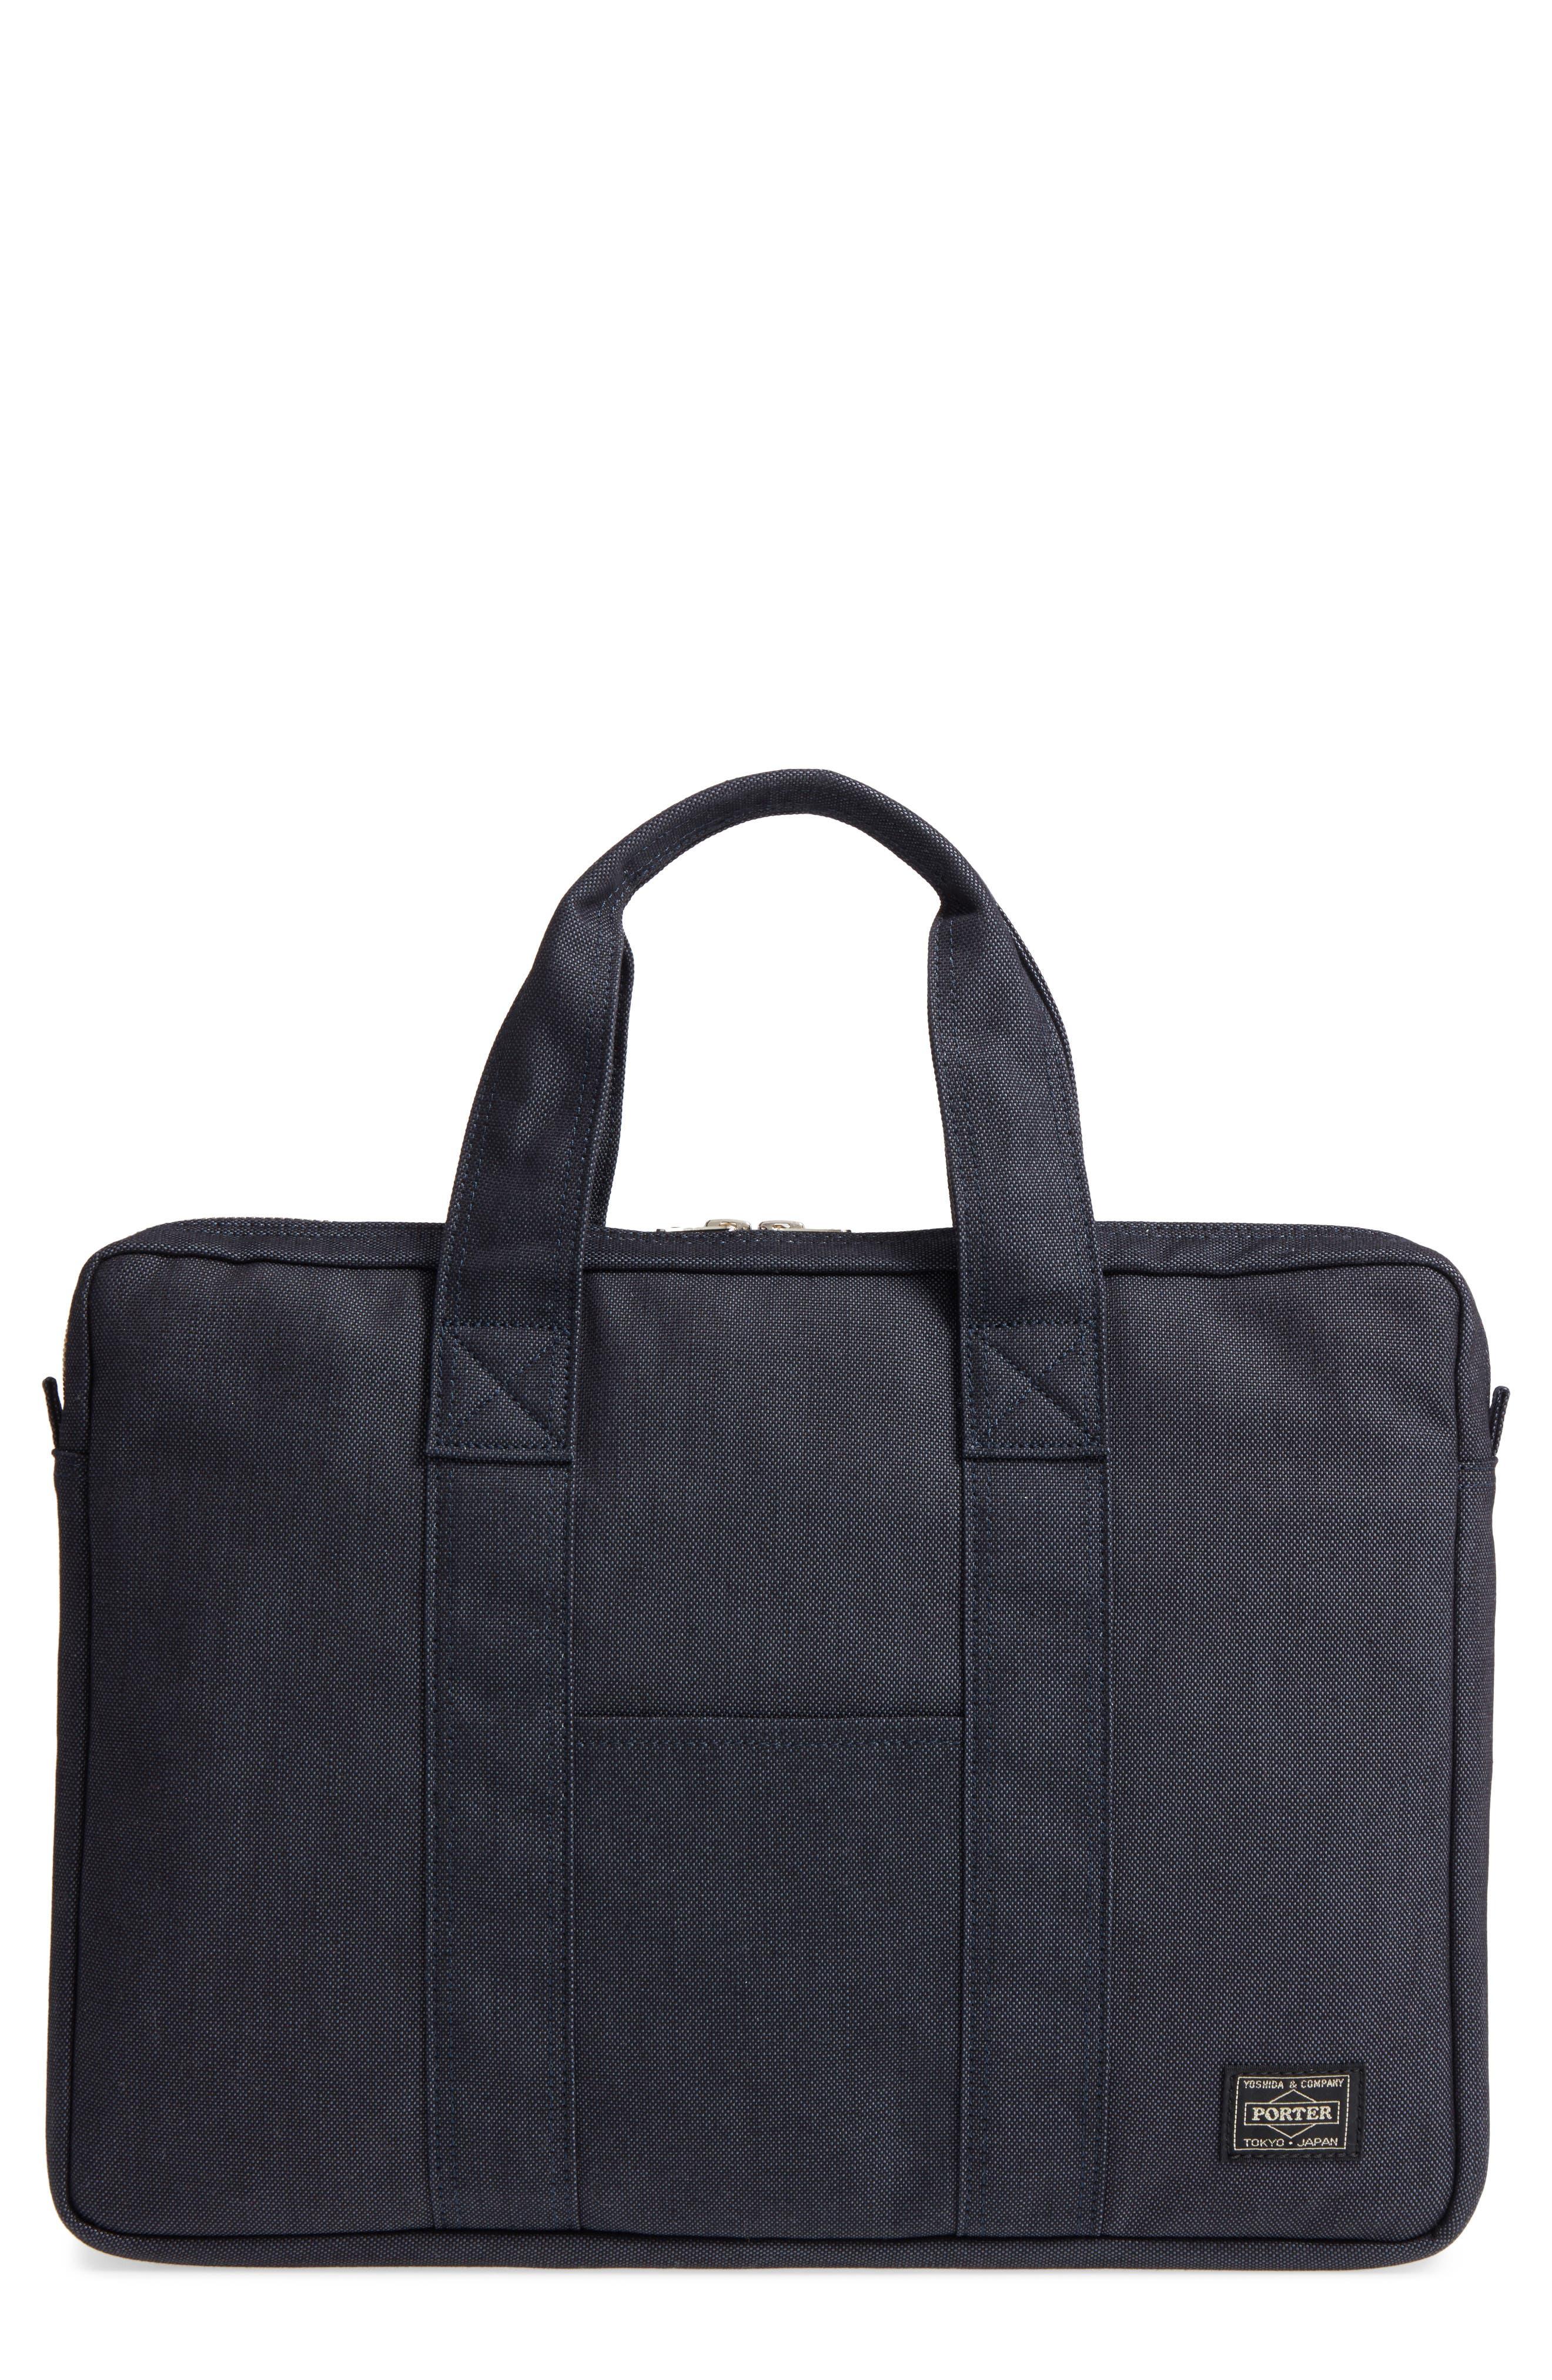 Porter-Yoshida & Co. Smoky Briefcase,                         Main,                         color, Navy